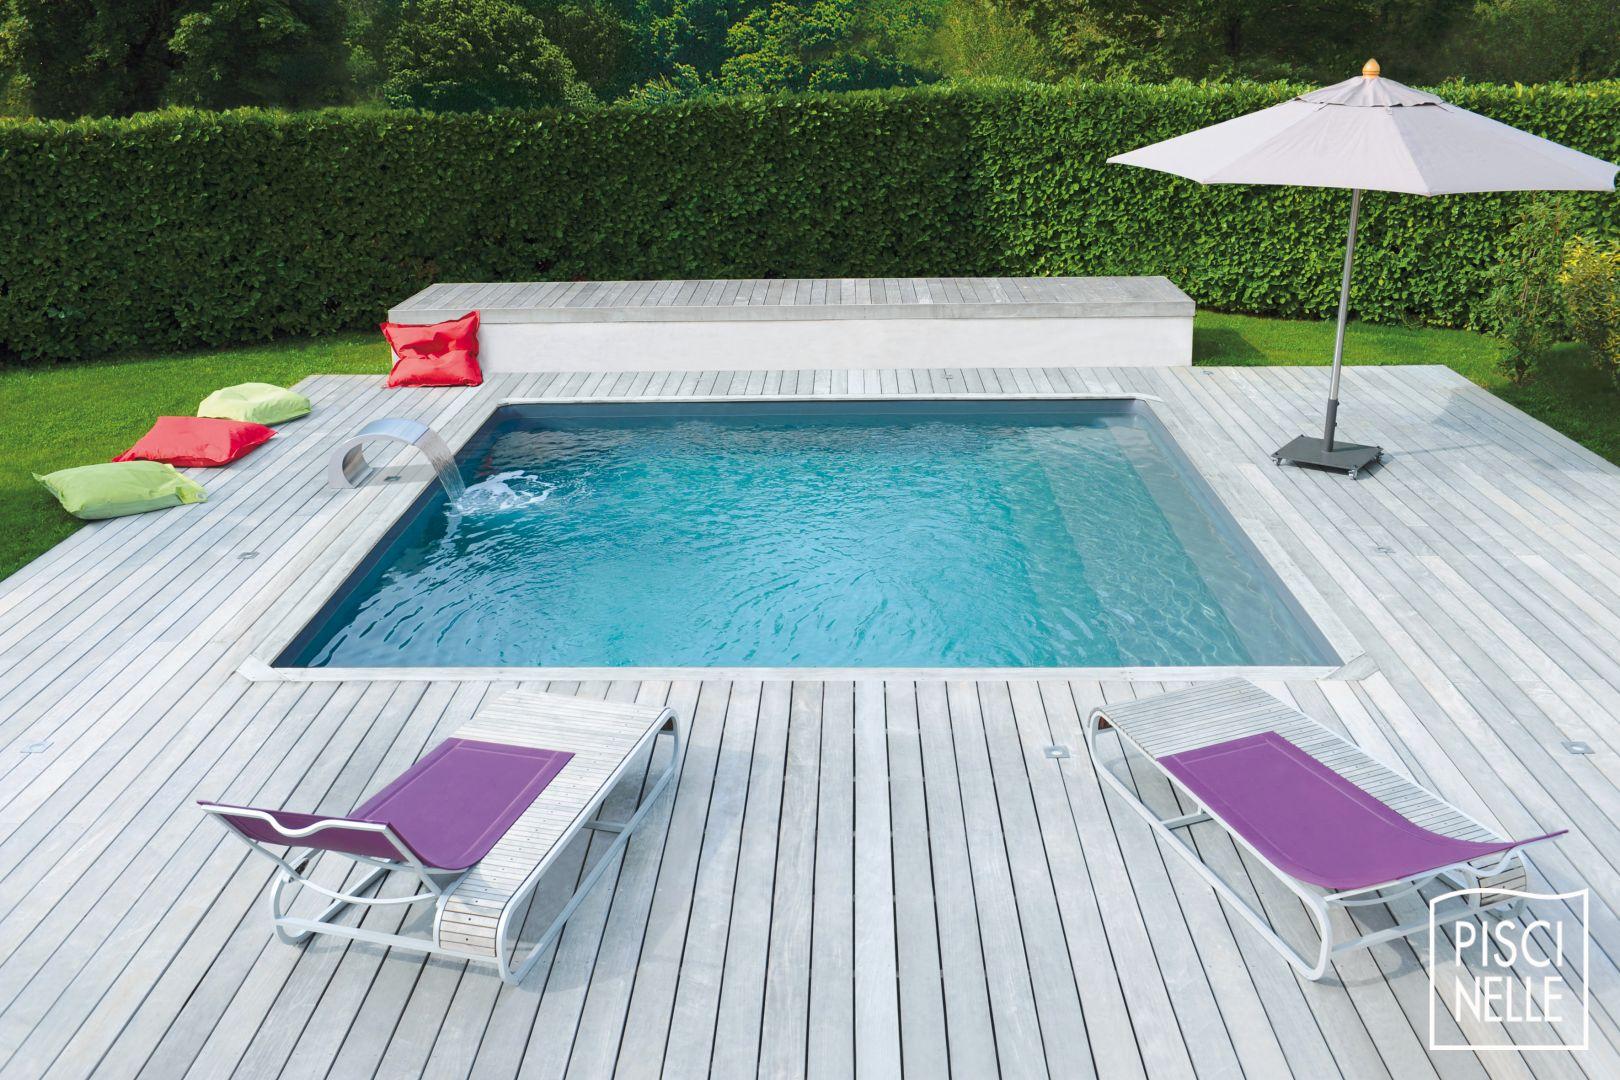 Diaporama des photos de piscine piscine piscinelle for Piscine carree coque